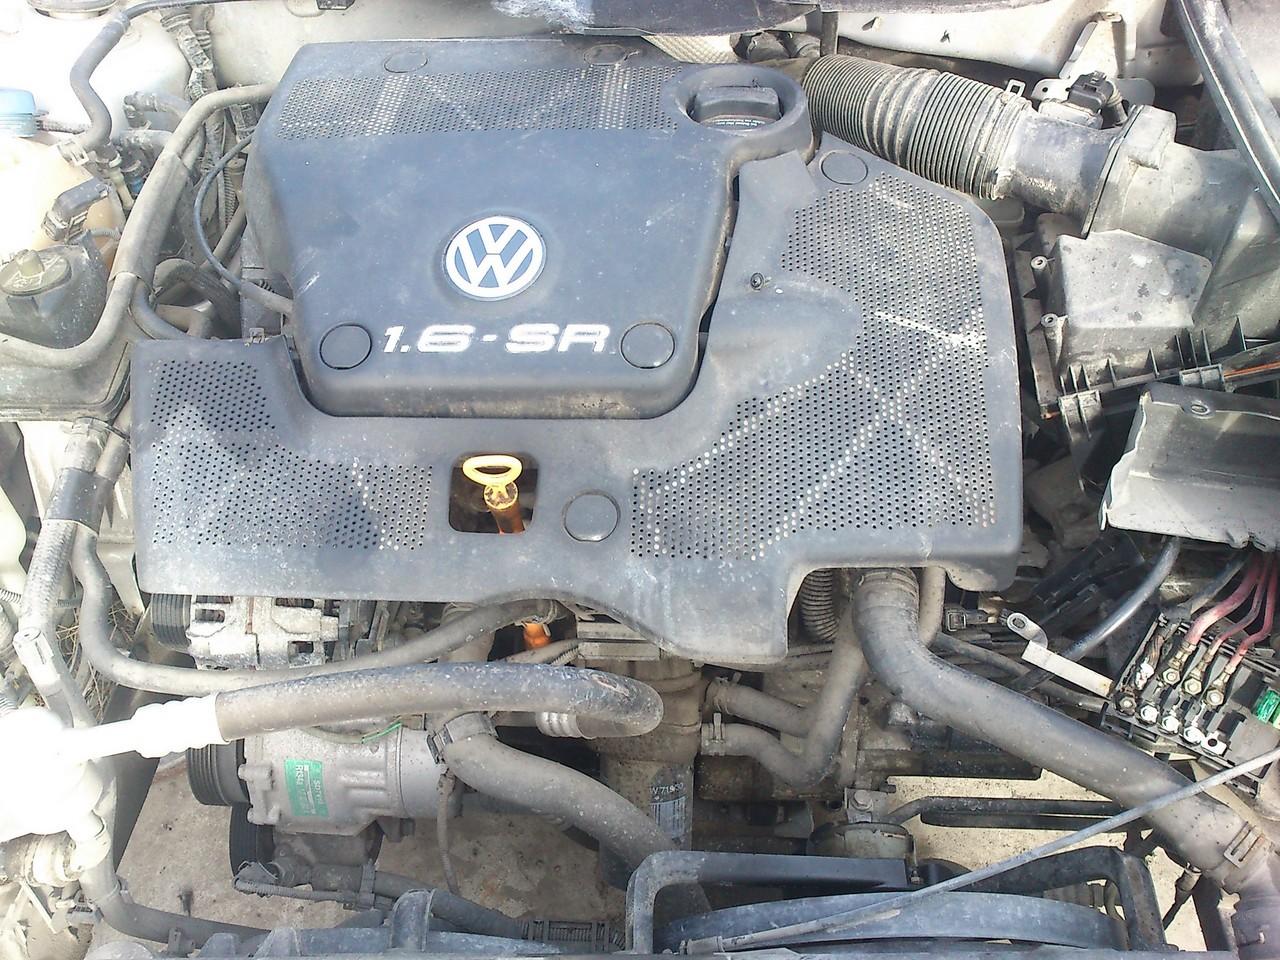 motor pentru audi a3 an 1999 1.6 8v tip motor AKL